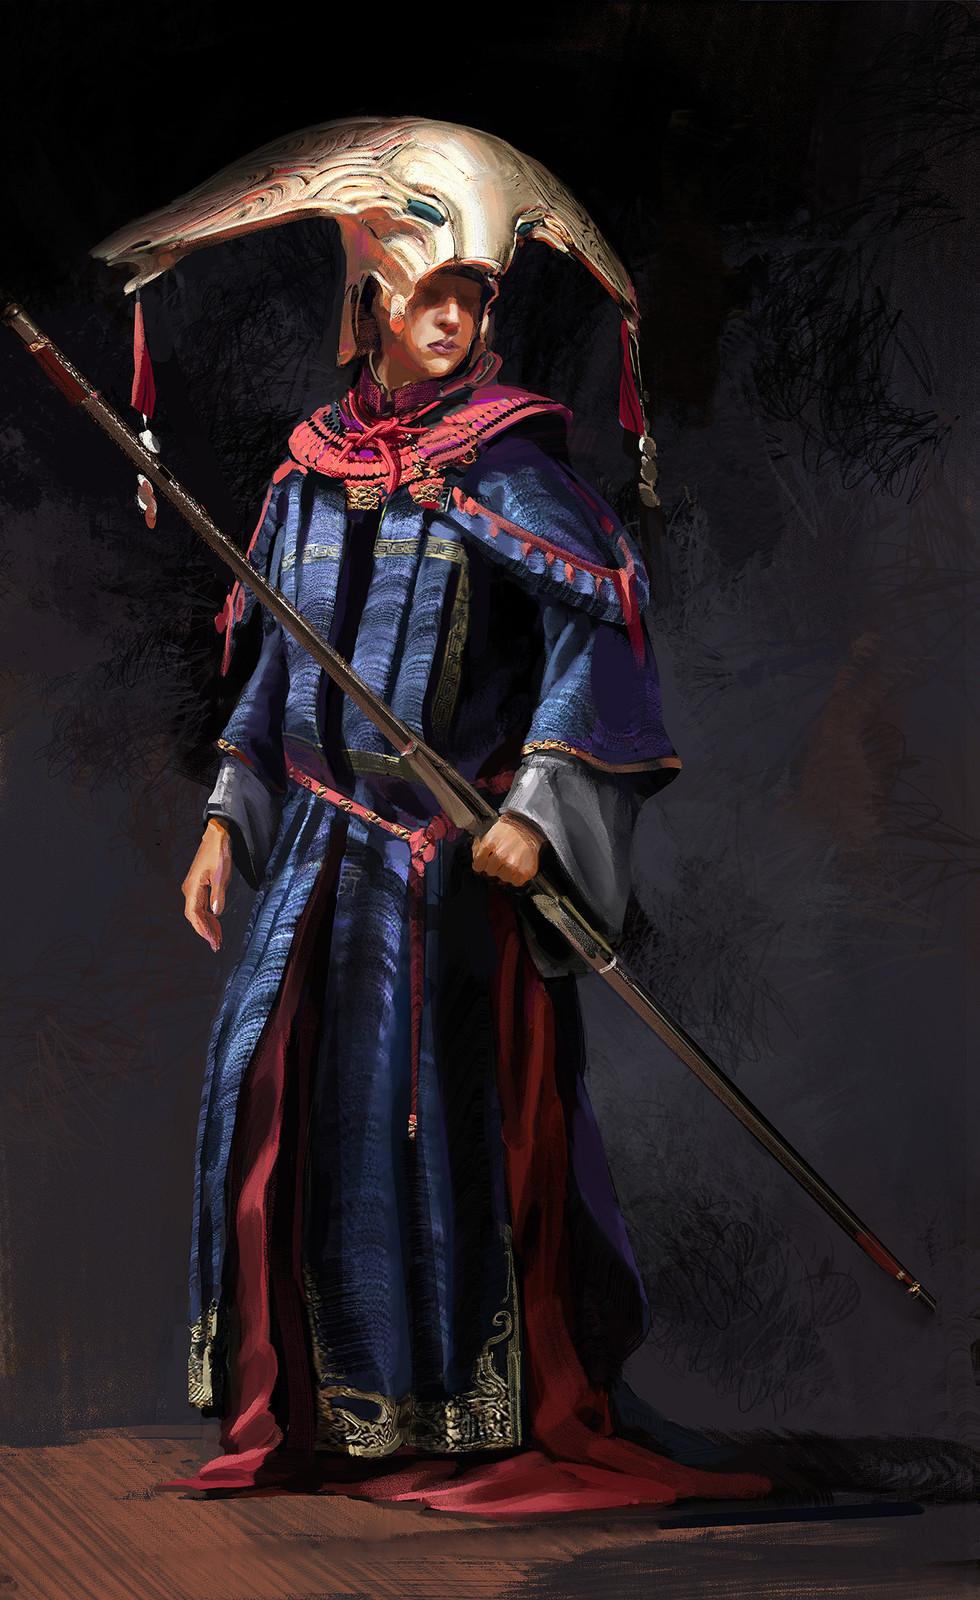 A fantasy character